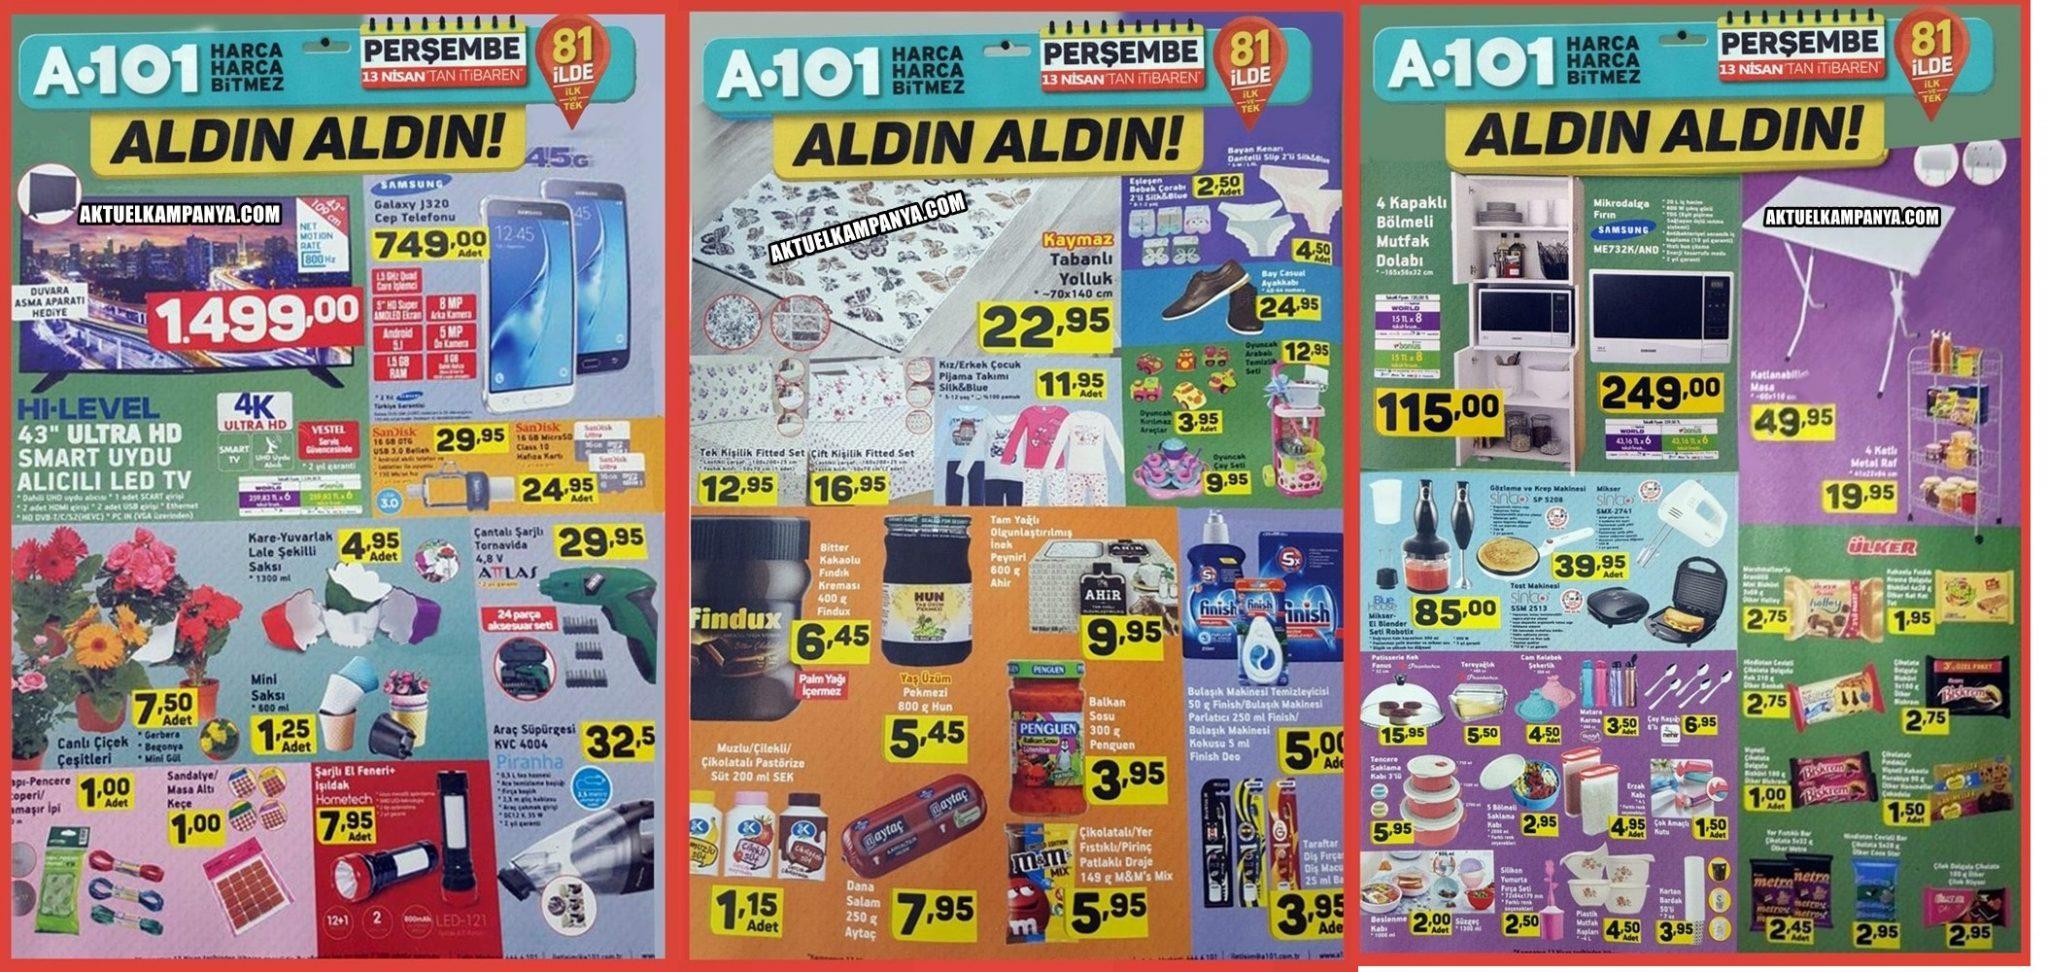 A-101 İndirimli Ürünler Broşürü 13 Nisan Perşembe